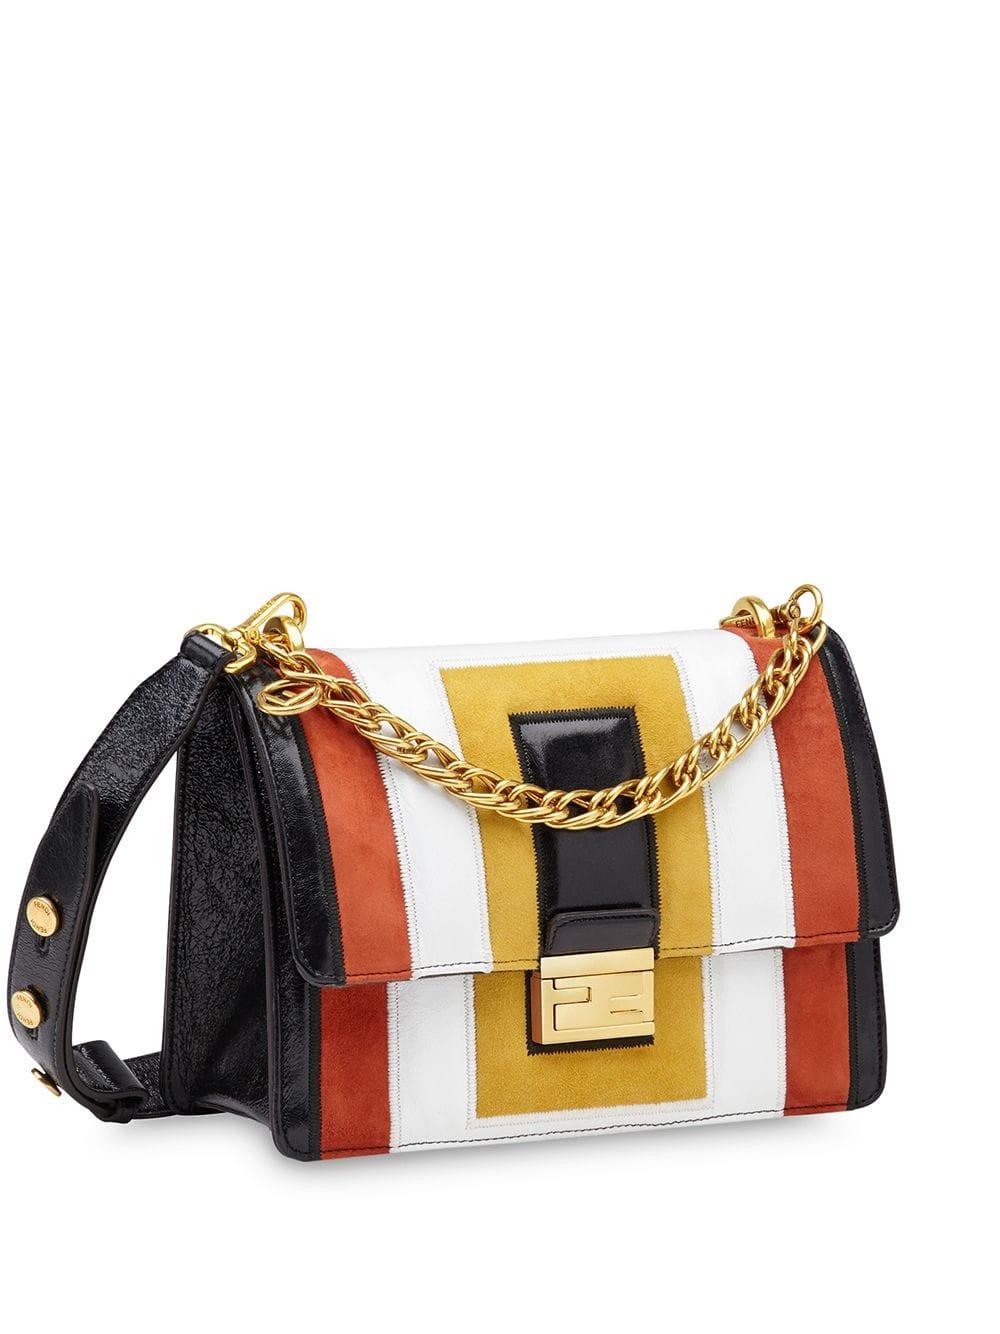 Kan U Leather Shoulder Bag